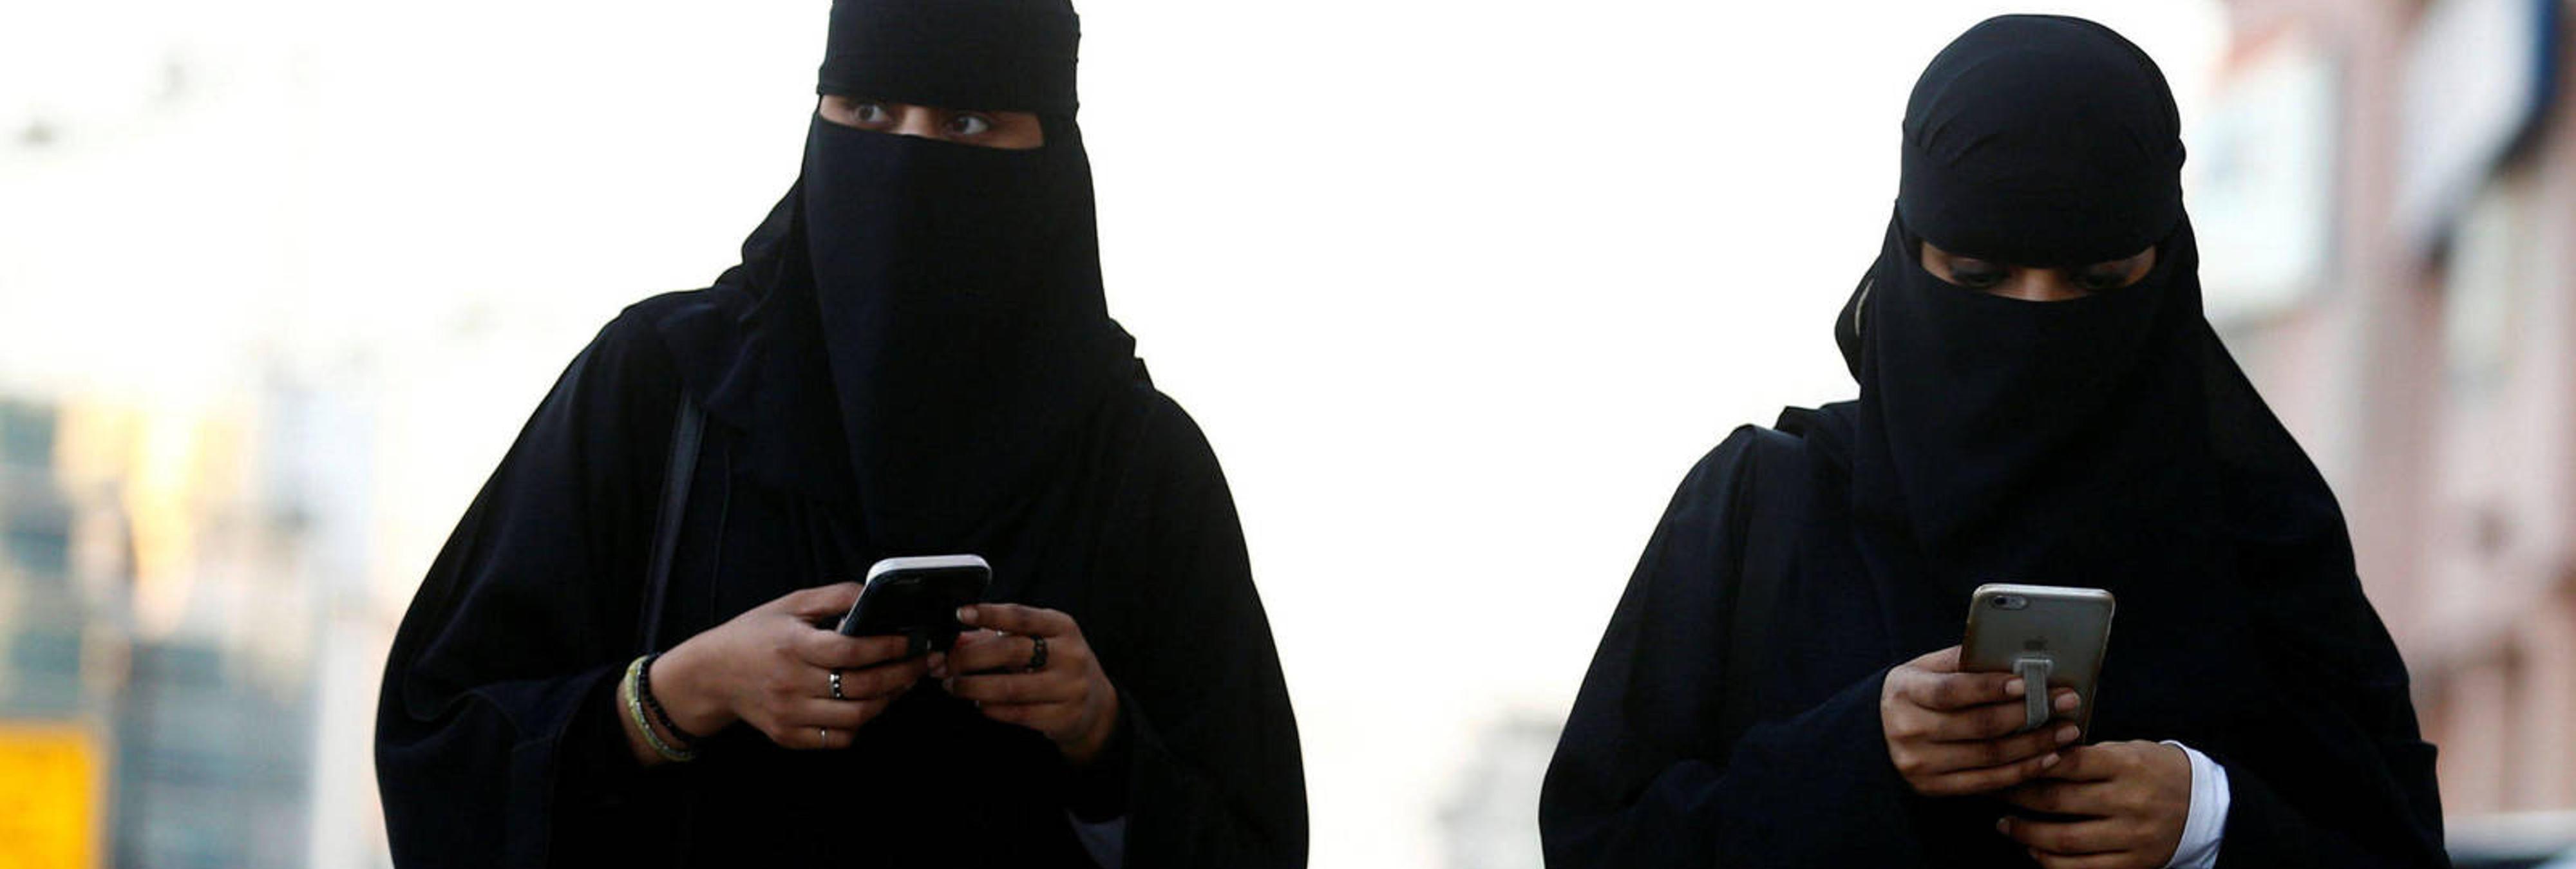 Así es la vida de una mujer en Arabia Saudí